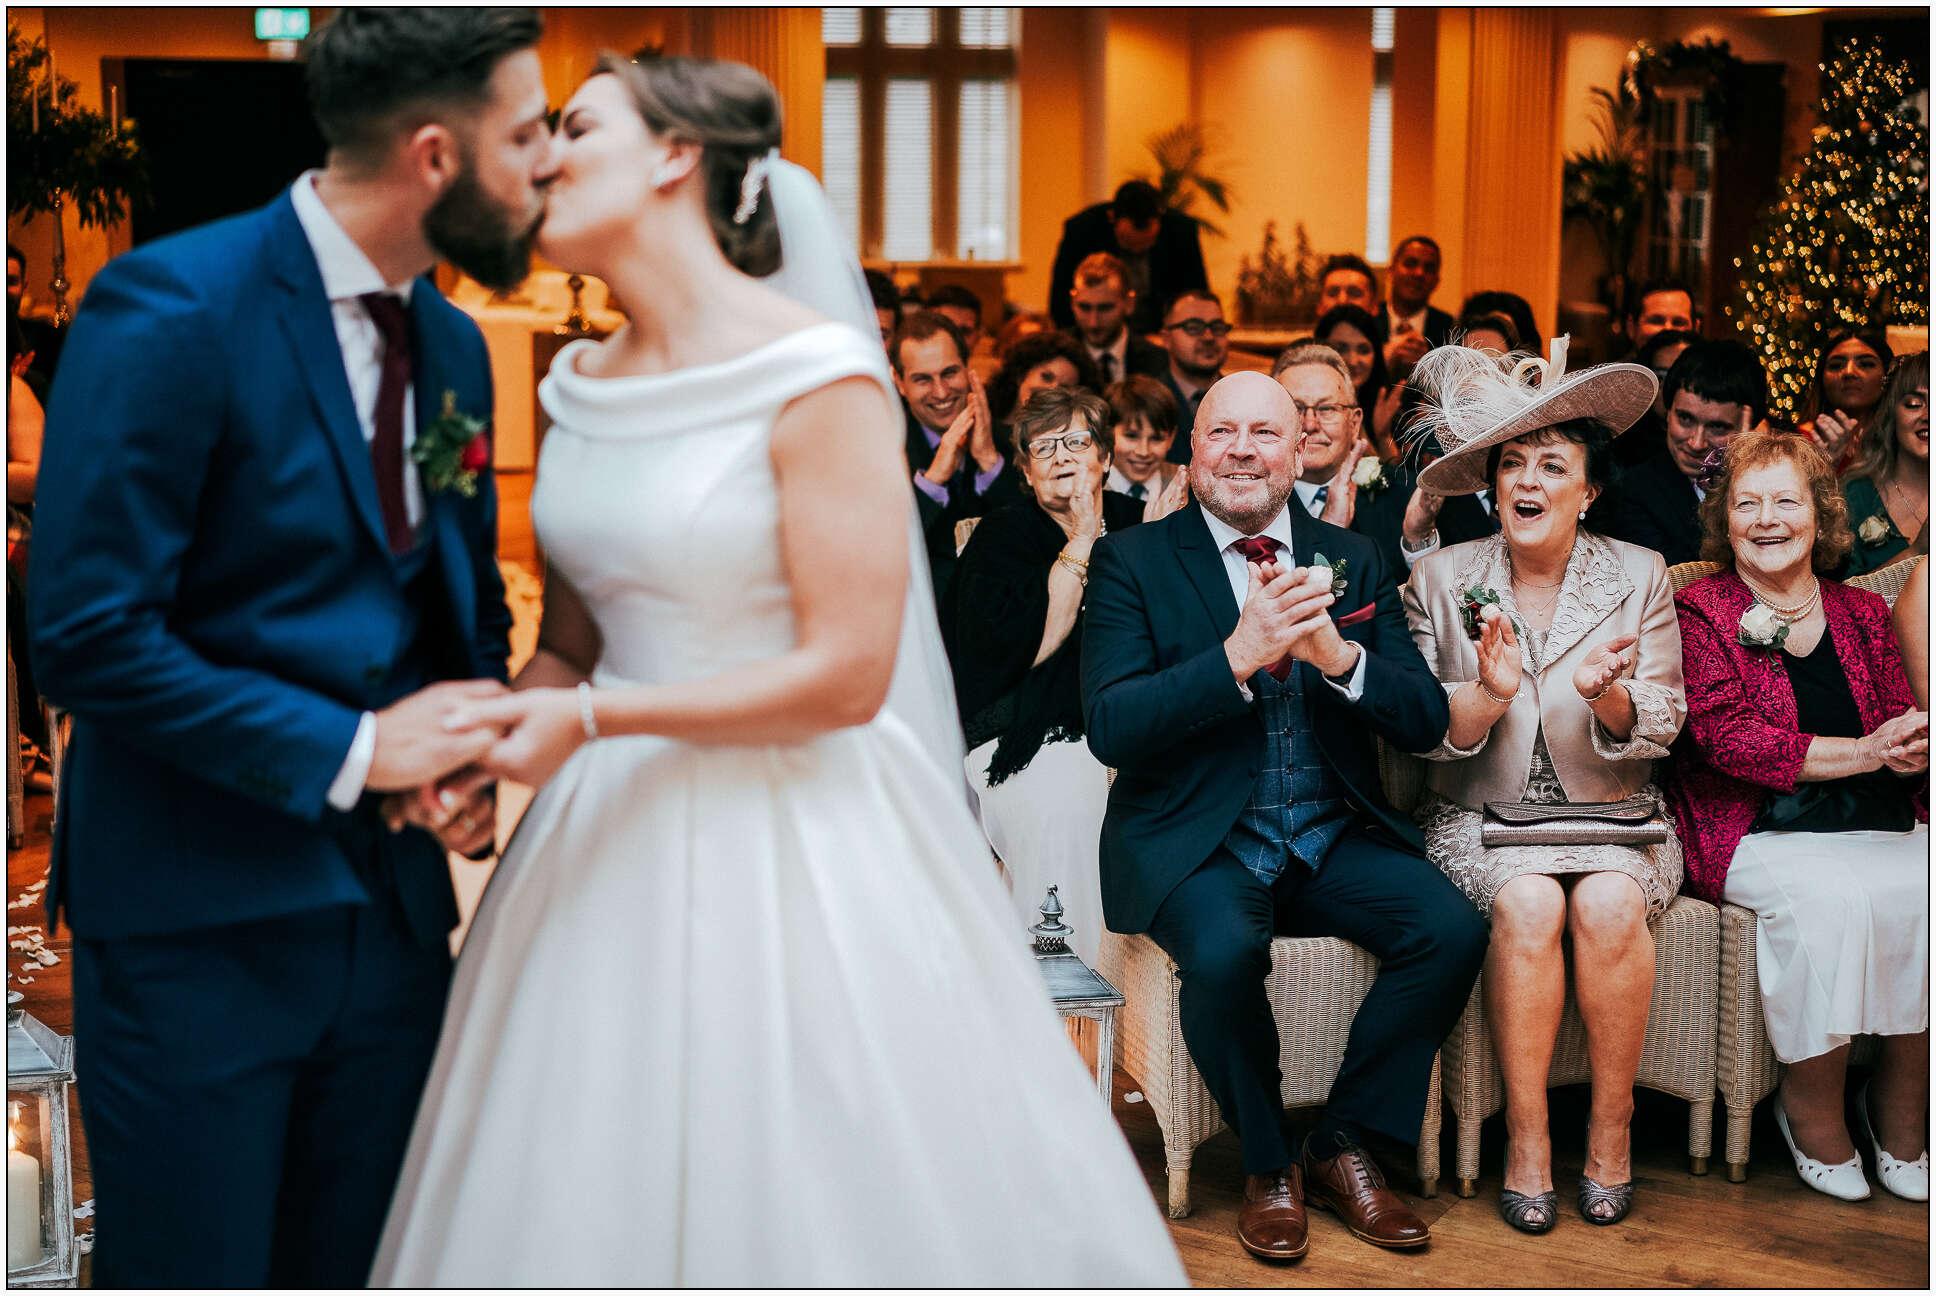 Mitton_Hall_Christmas_Wedding-28.jpg